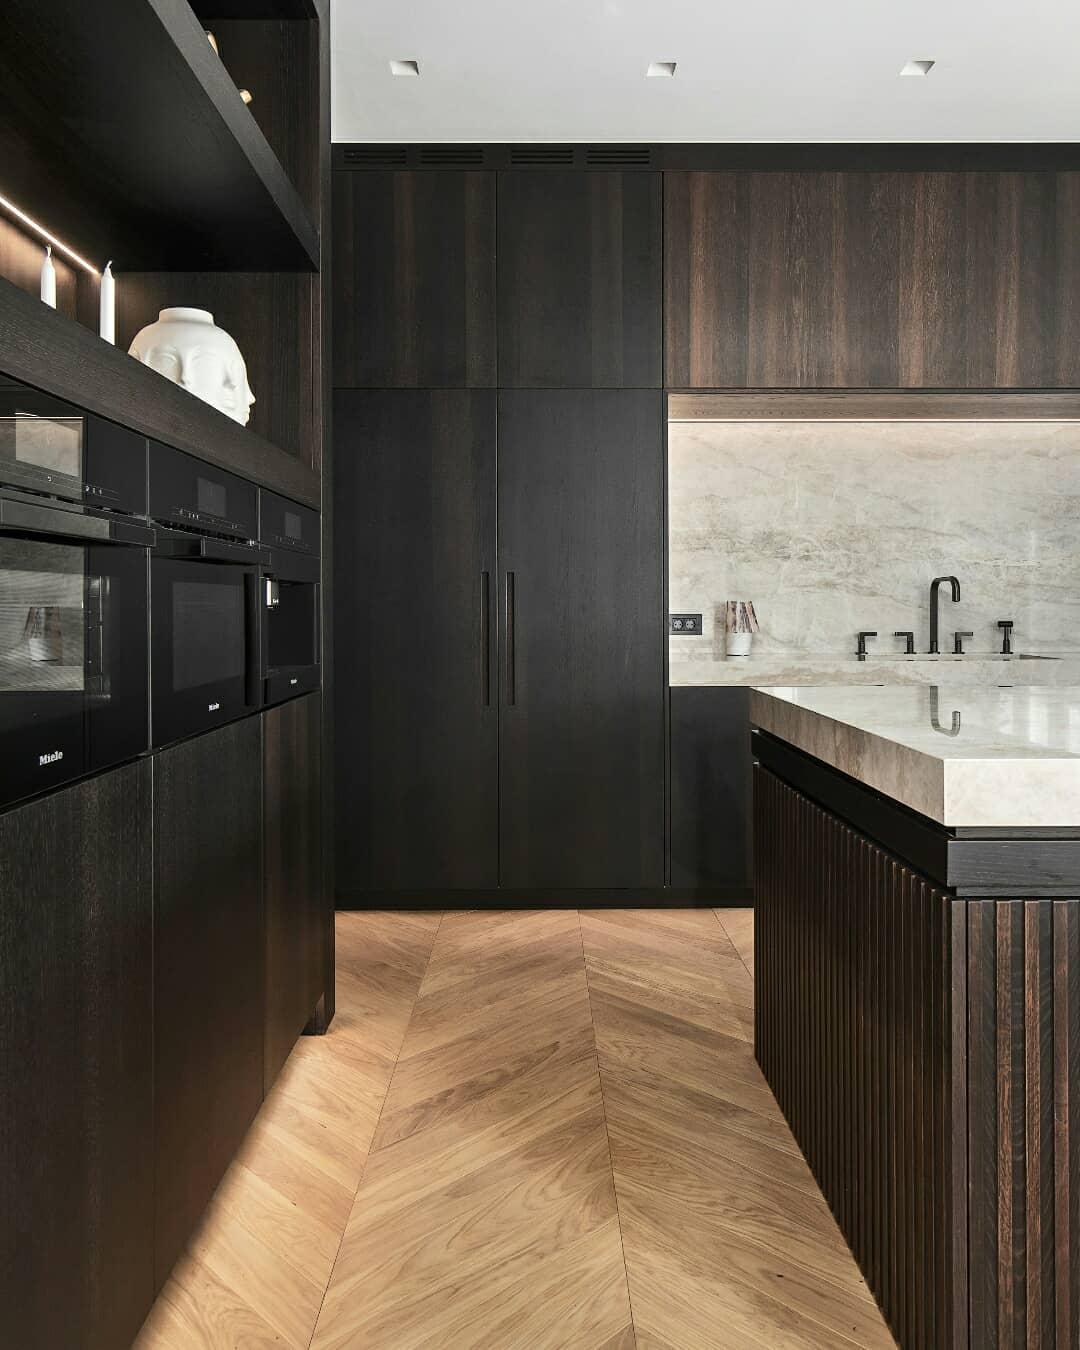 Kitchen Floor in Dubai